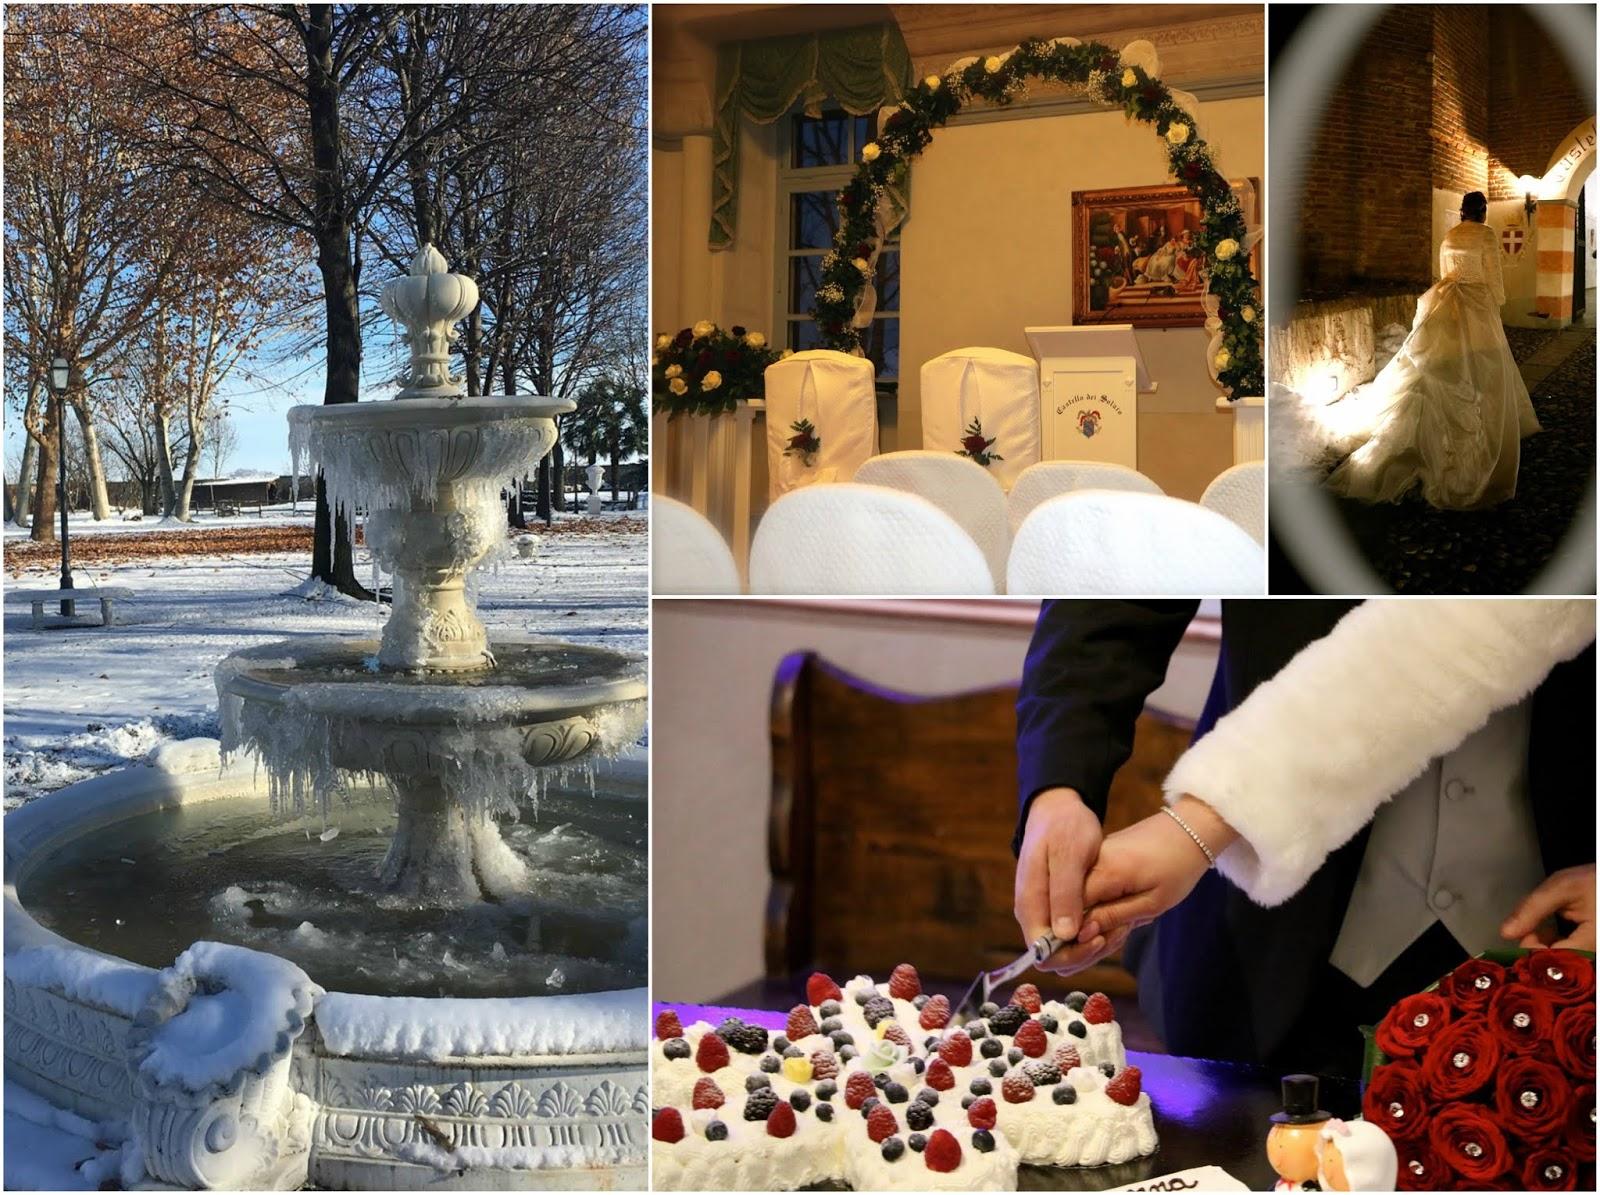 bfcc5ea83330 Il matrimonio invernale può sembrare più semplice da organizzare perché